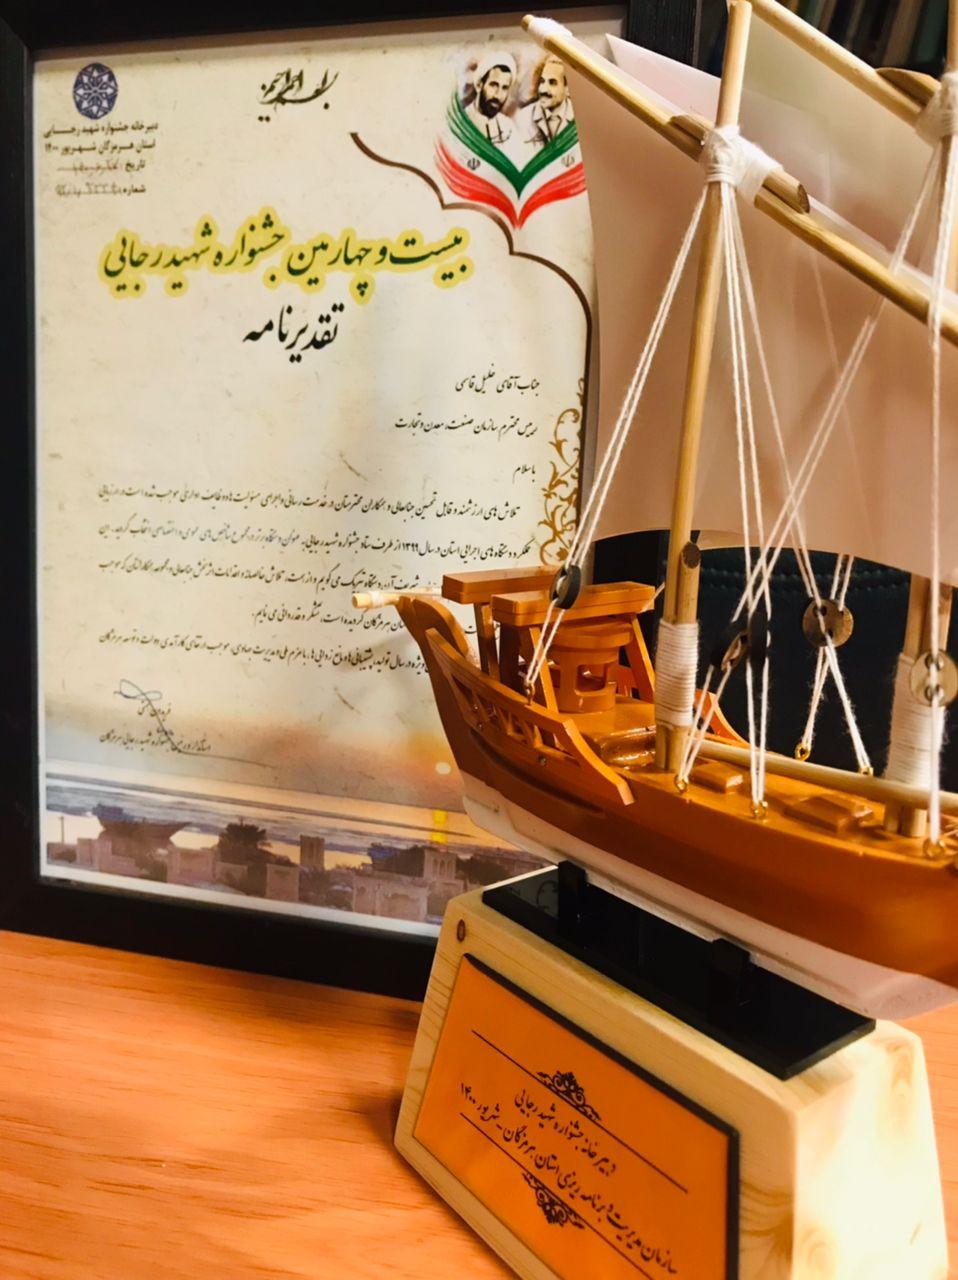 کسب رتبه نخست سازمان صنعت، معدن وتجارت هرمزگان در بیست و چهارمین جشنواره شهید رجایی سال 1400